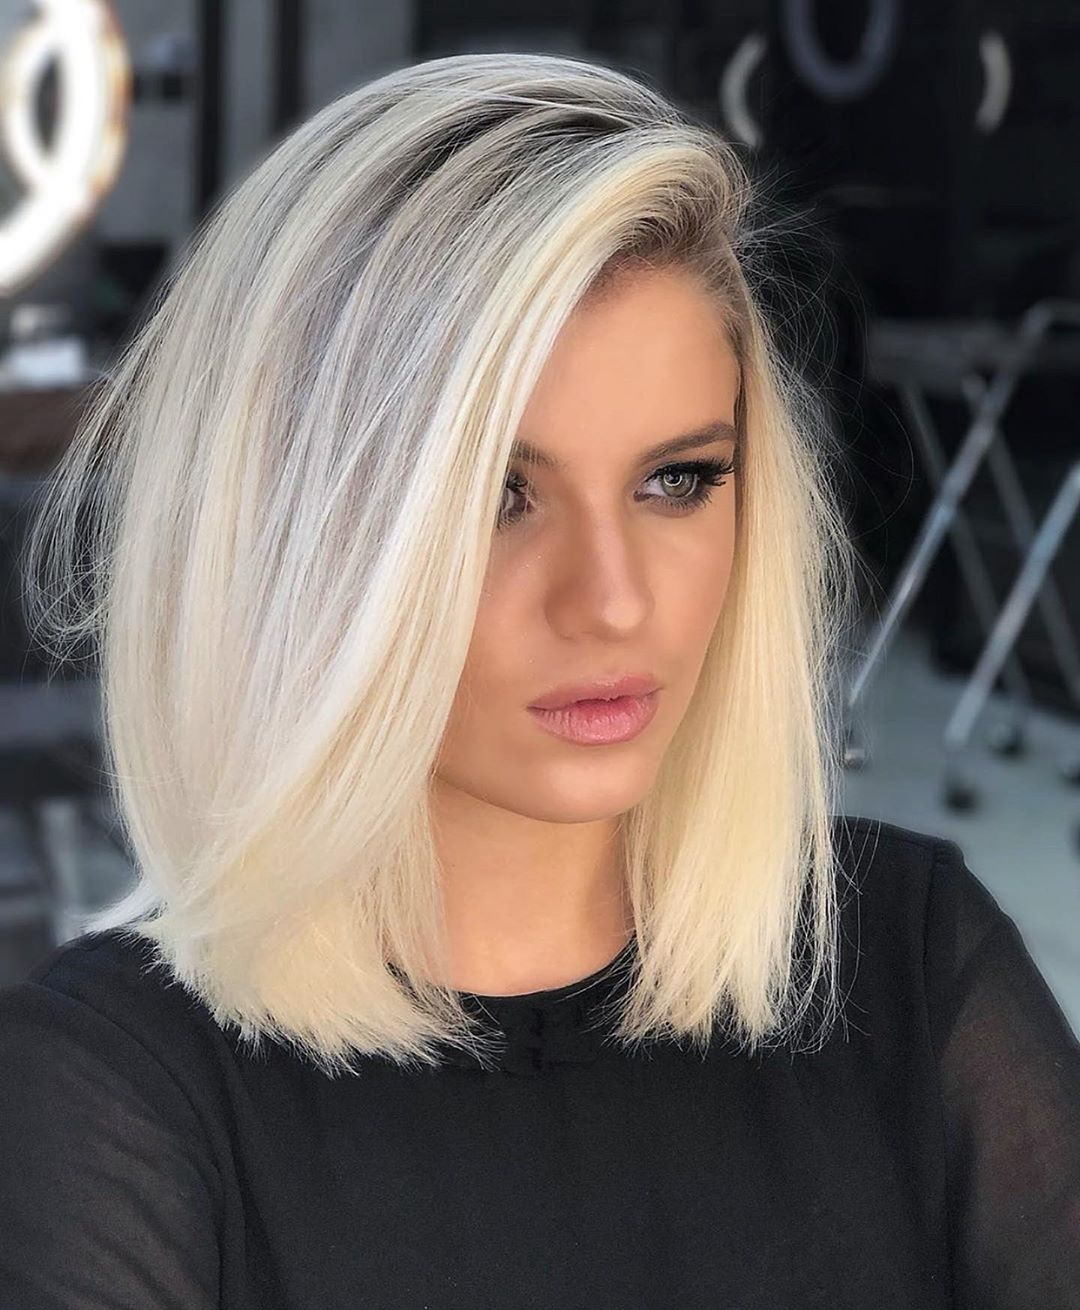 Объемные стрижки на средние волосы 2020 фото 7